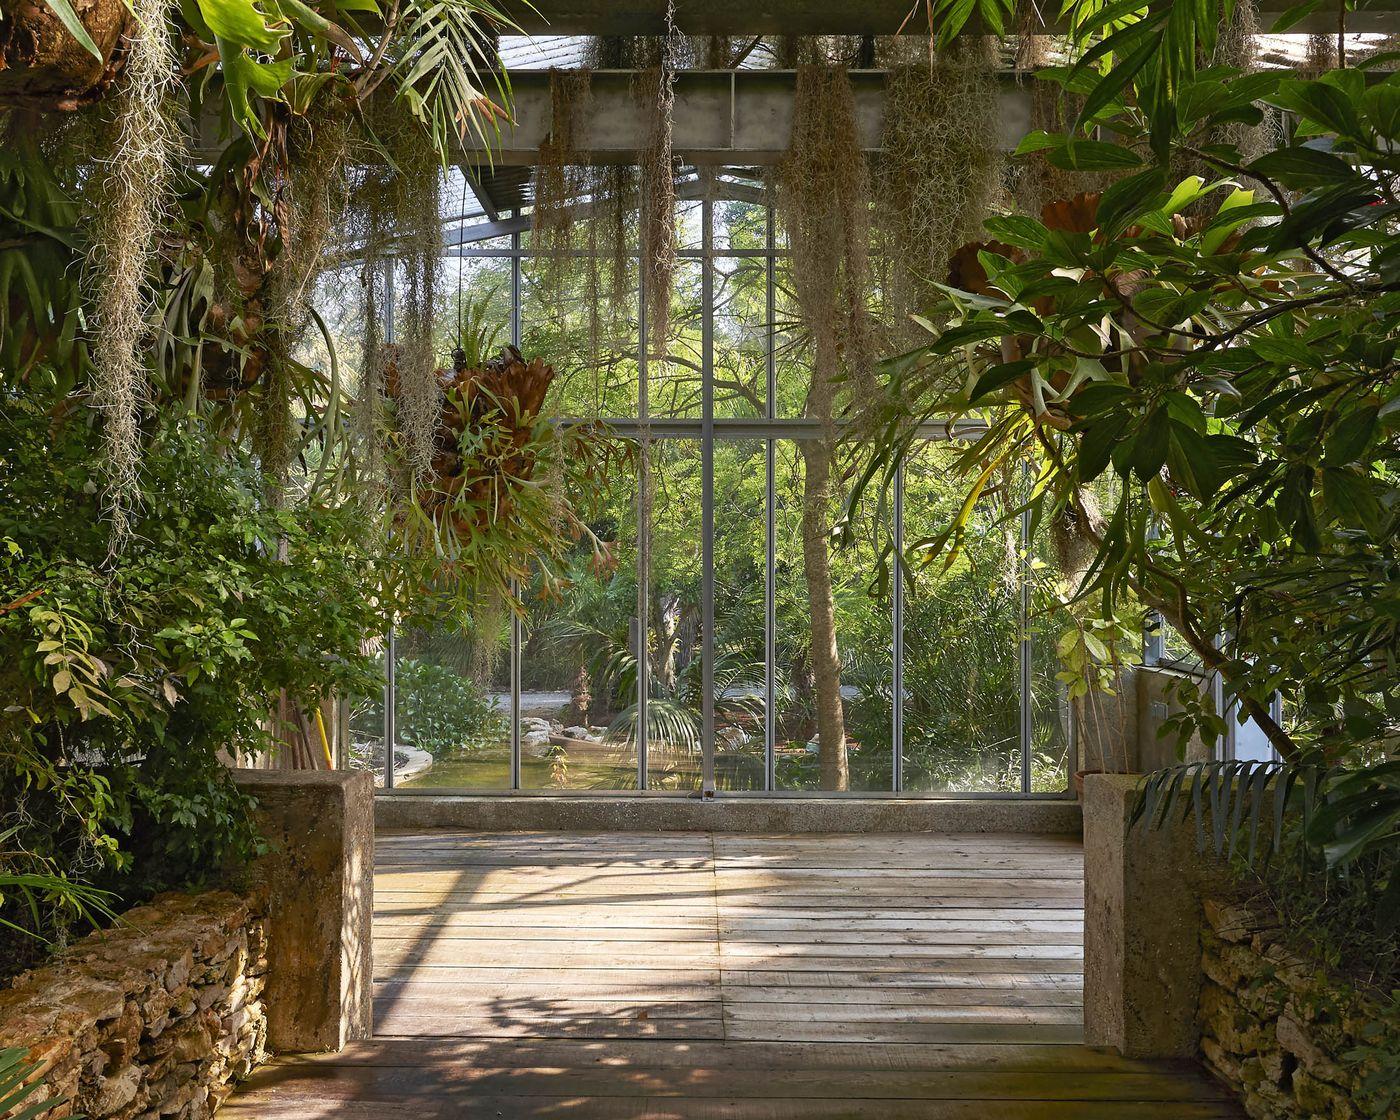 Một góc khu vườn 14.000 loài thực vật.